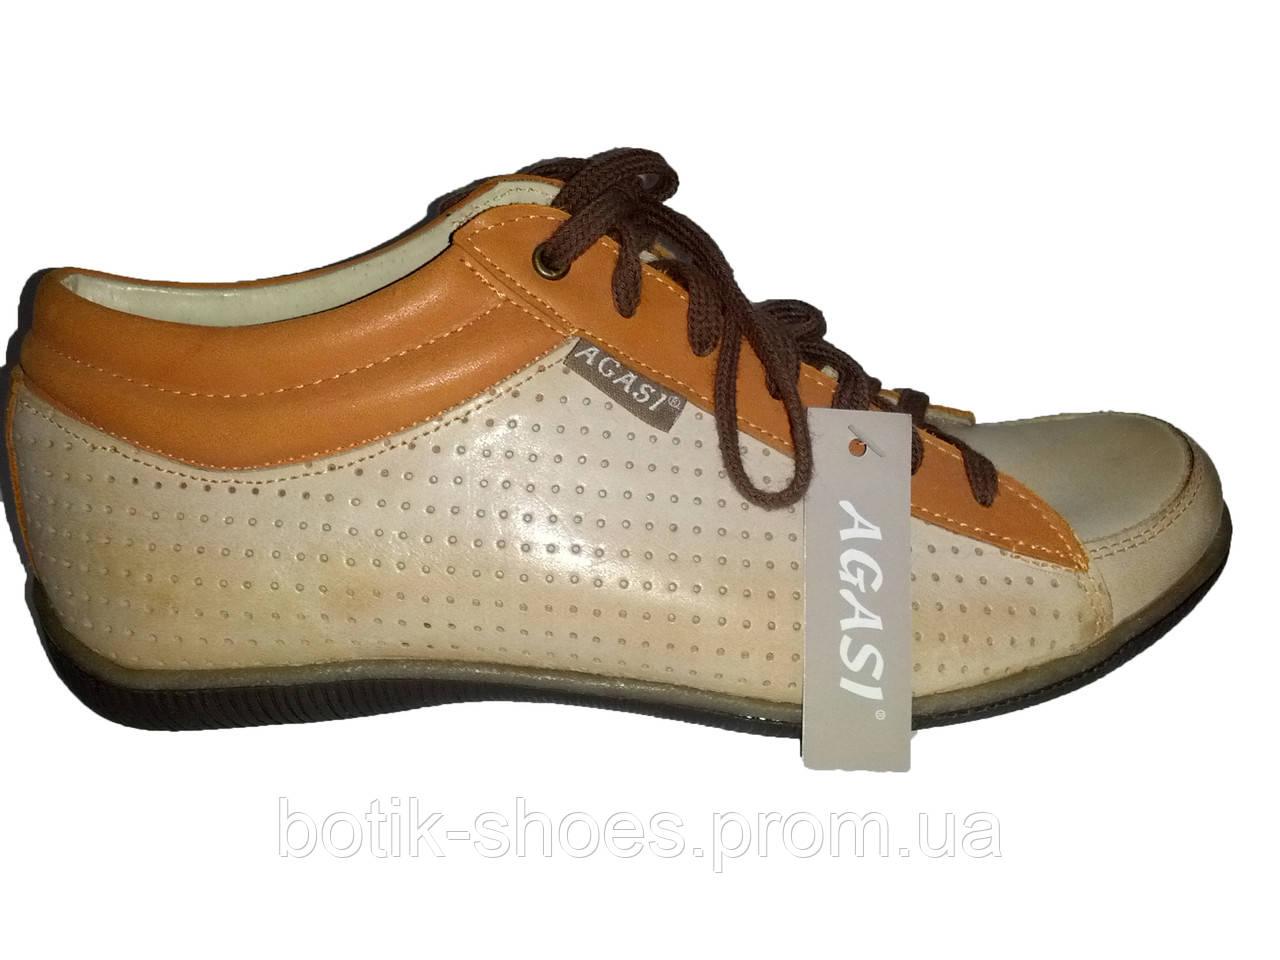 92f5ec664 Кожаные польские женские бежевые стильные модные спортивные туфли 37 Agasi  - интернет-магазин обуви